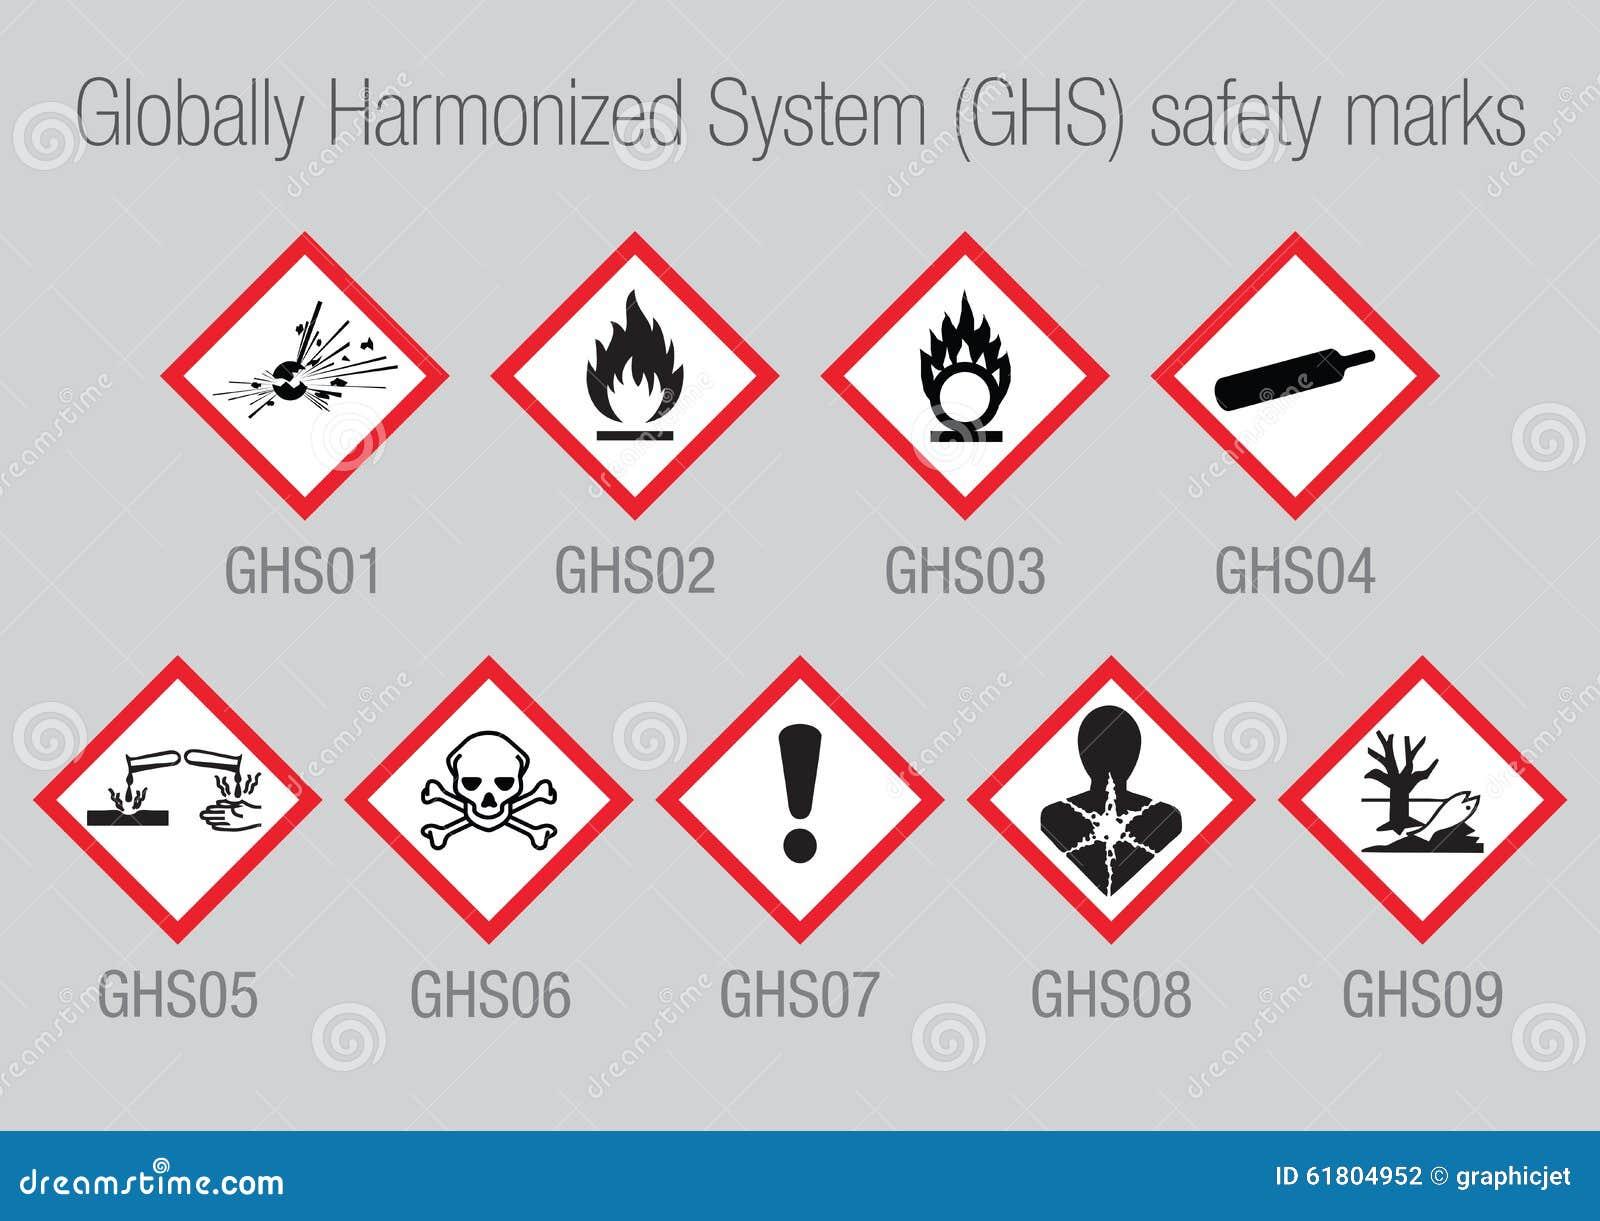 Συνολικά εναρμονισμένα σημάδια ασφάλειας συστημάτων